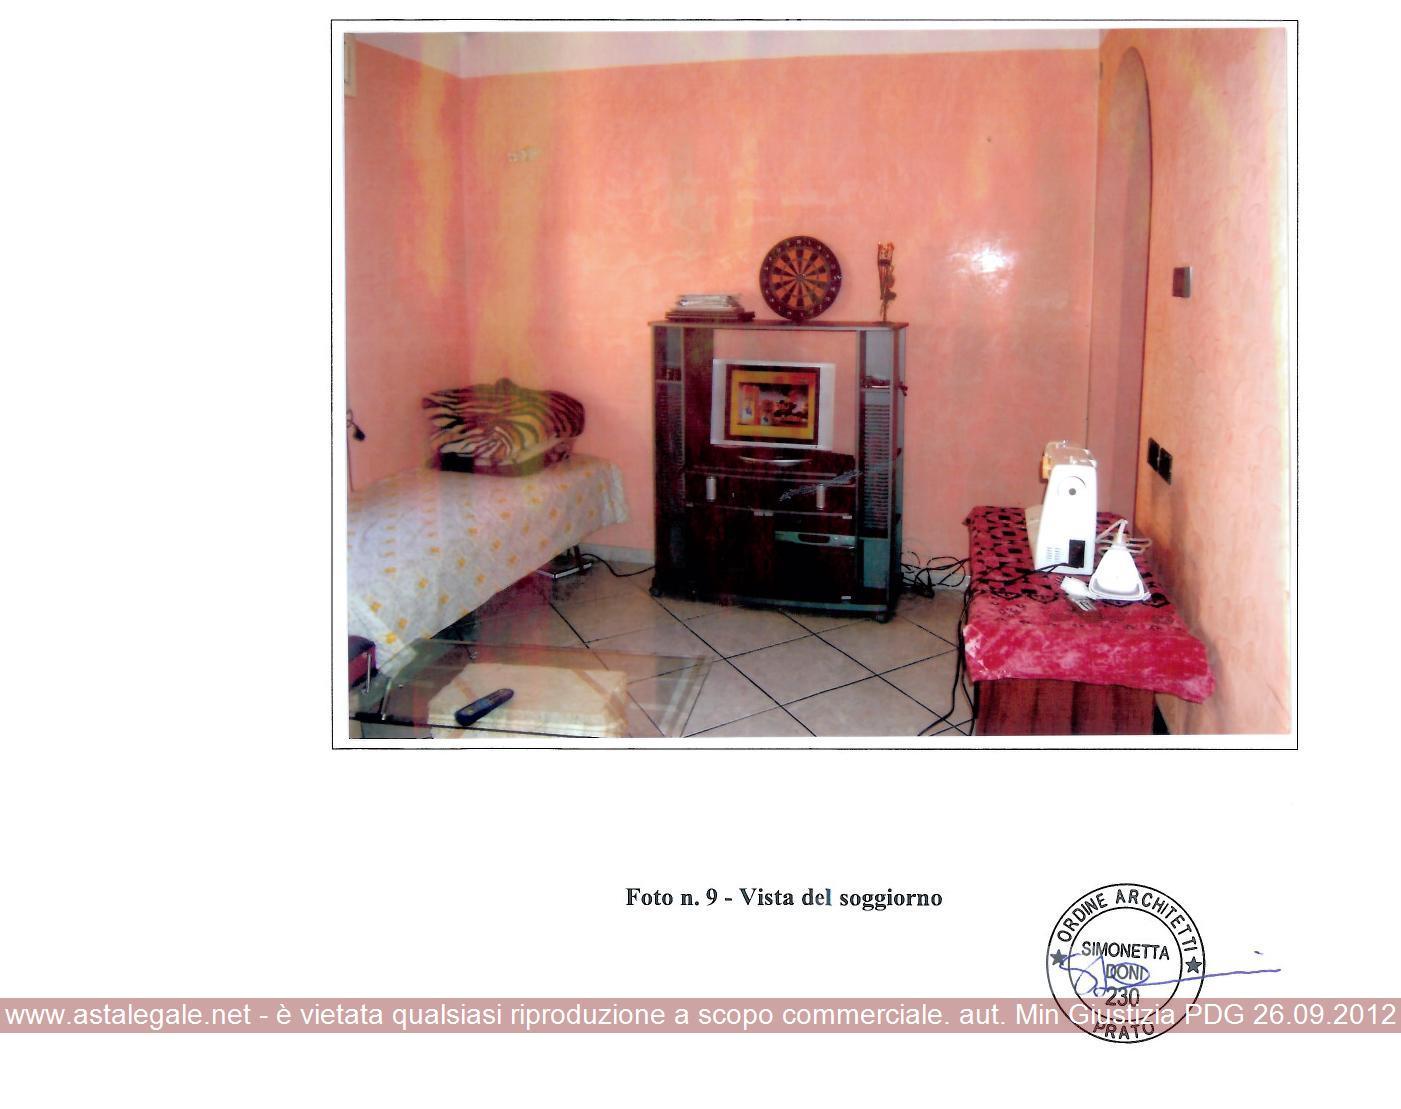 Bilocale Prato Localita' Chiesanuova - Via Isarco 56 12